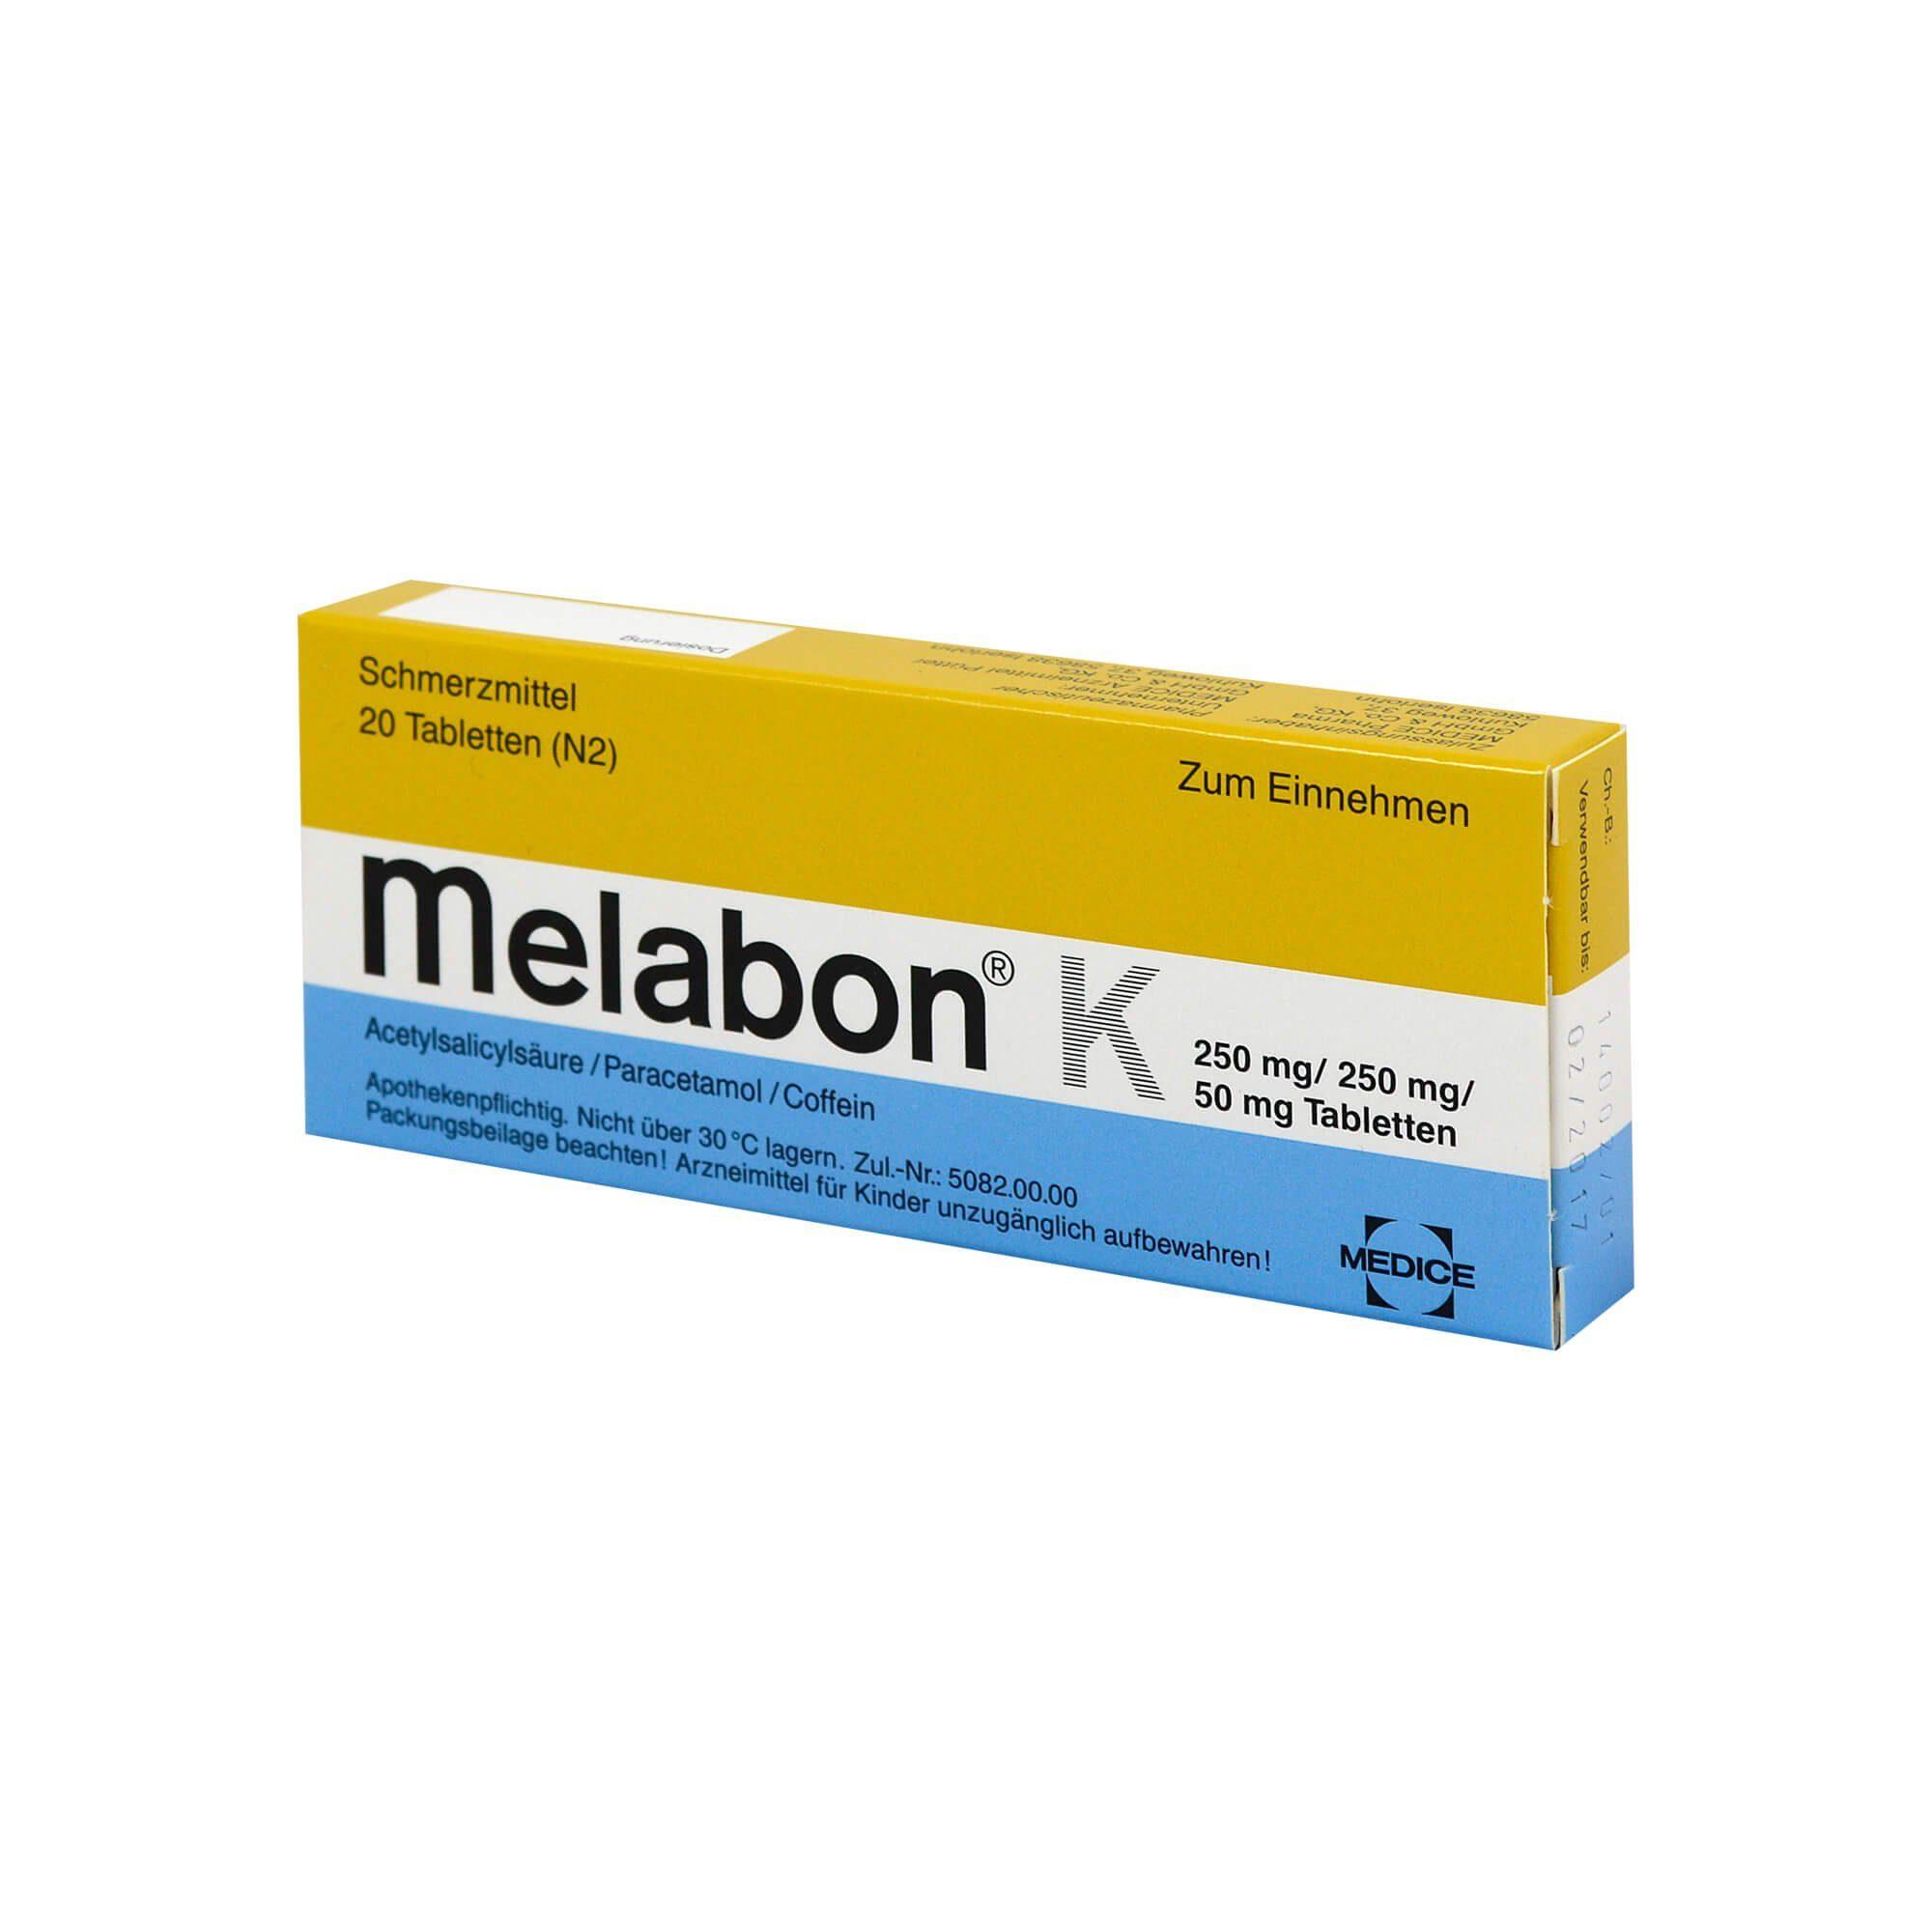 Melabon K Tabletten, 20 St